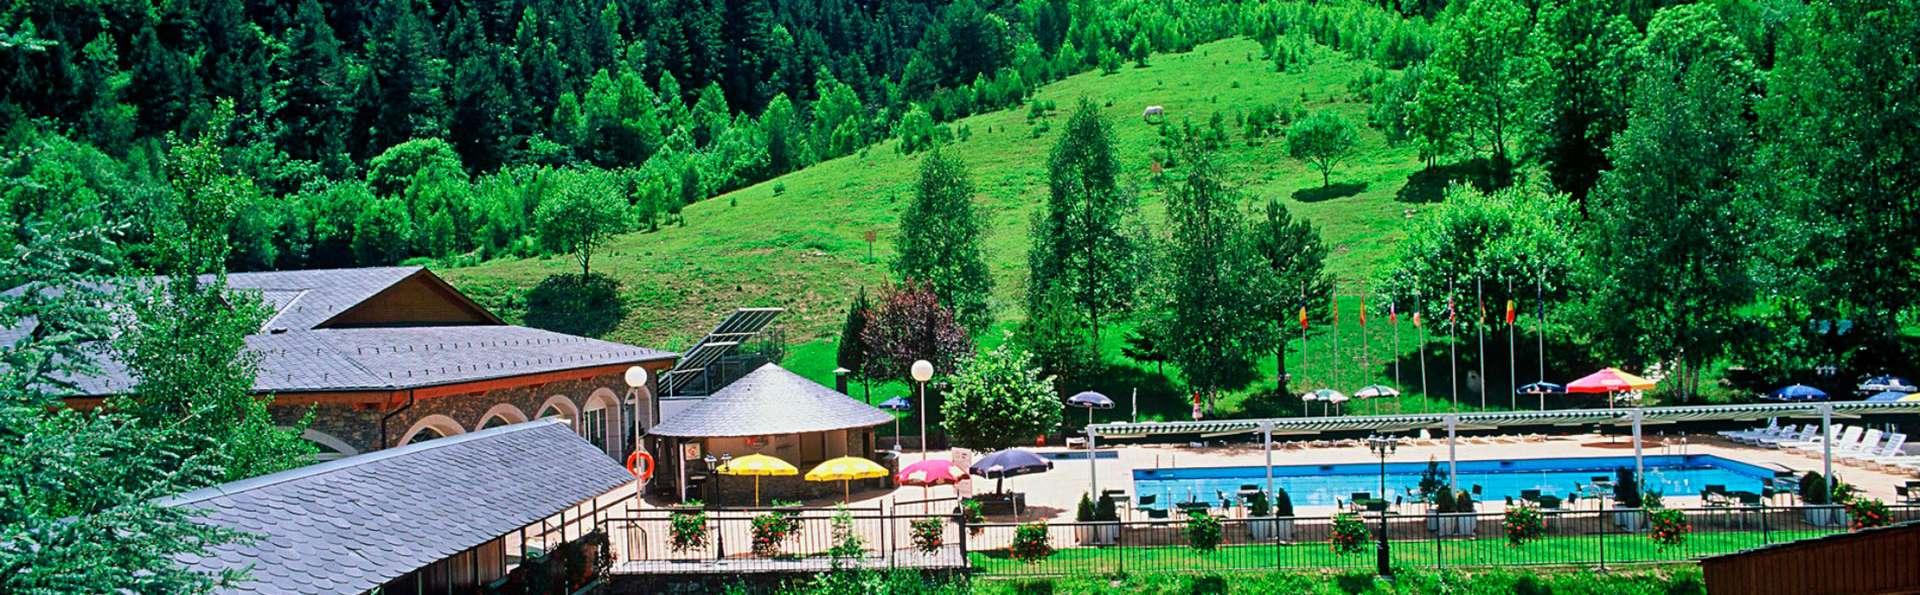 Relax, Romanticismo y Naturaleza en el Valle de Arinsal